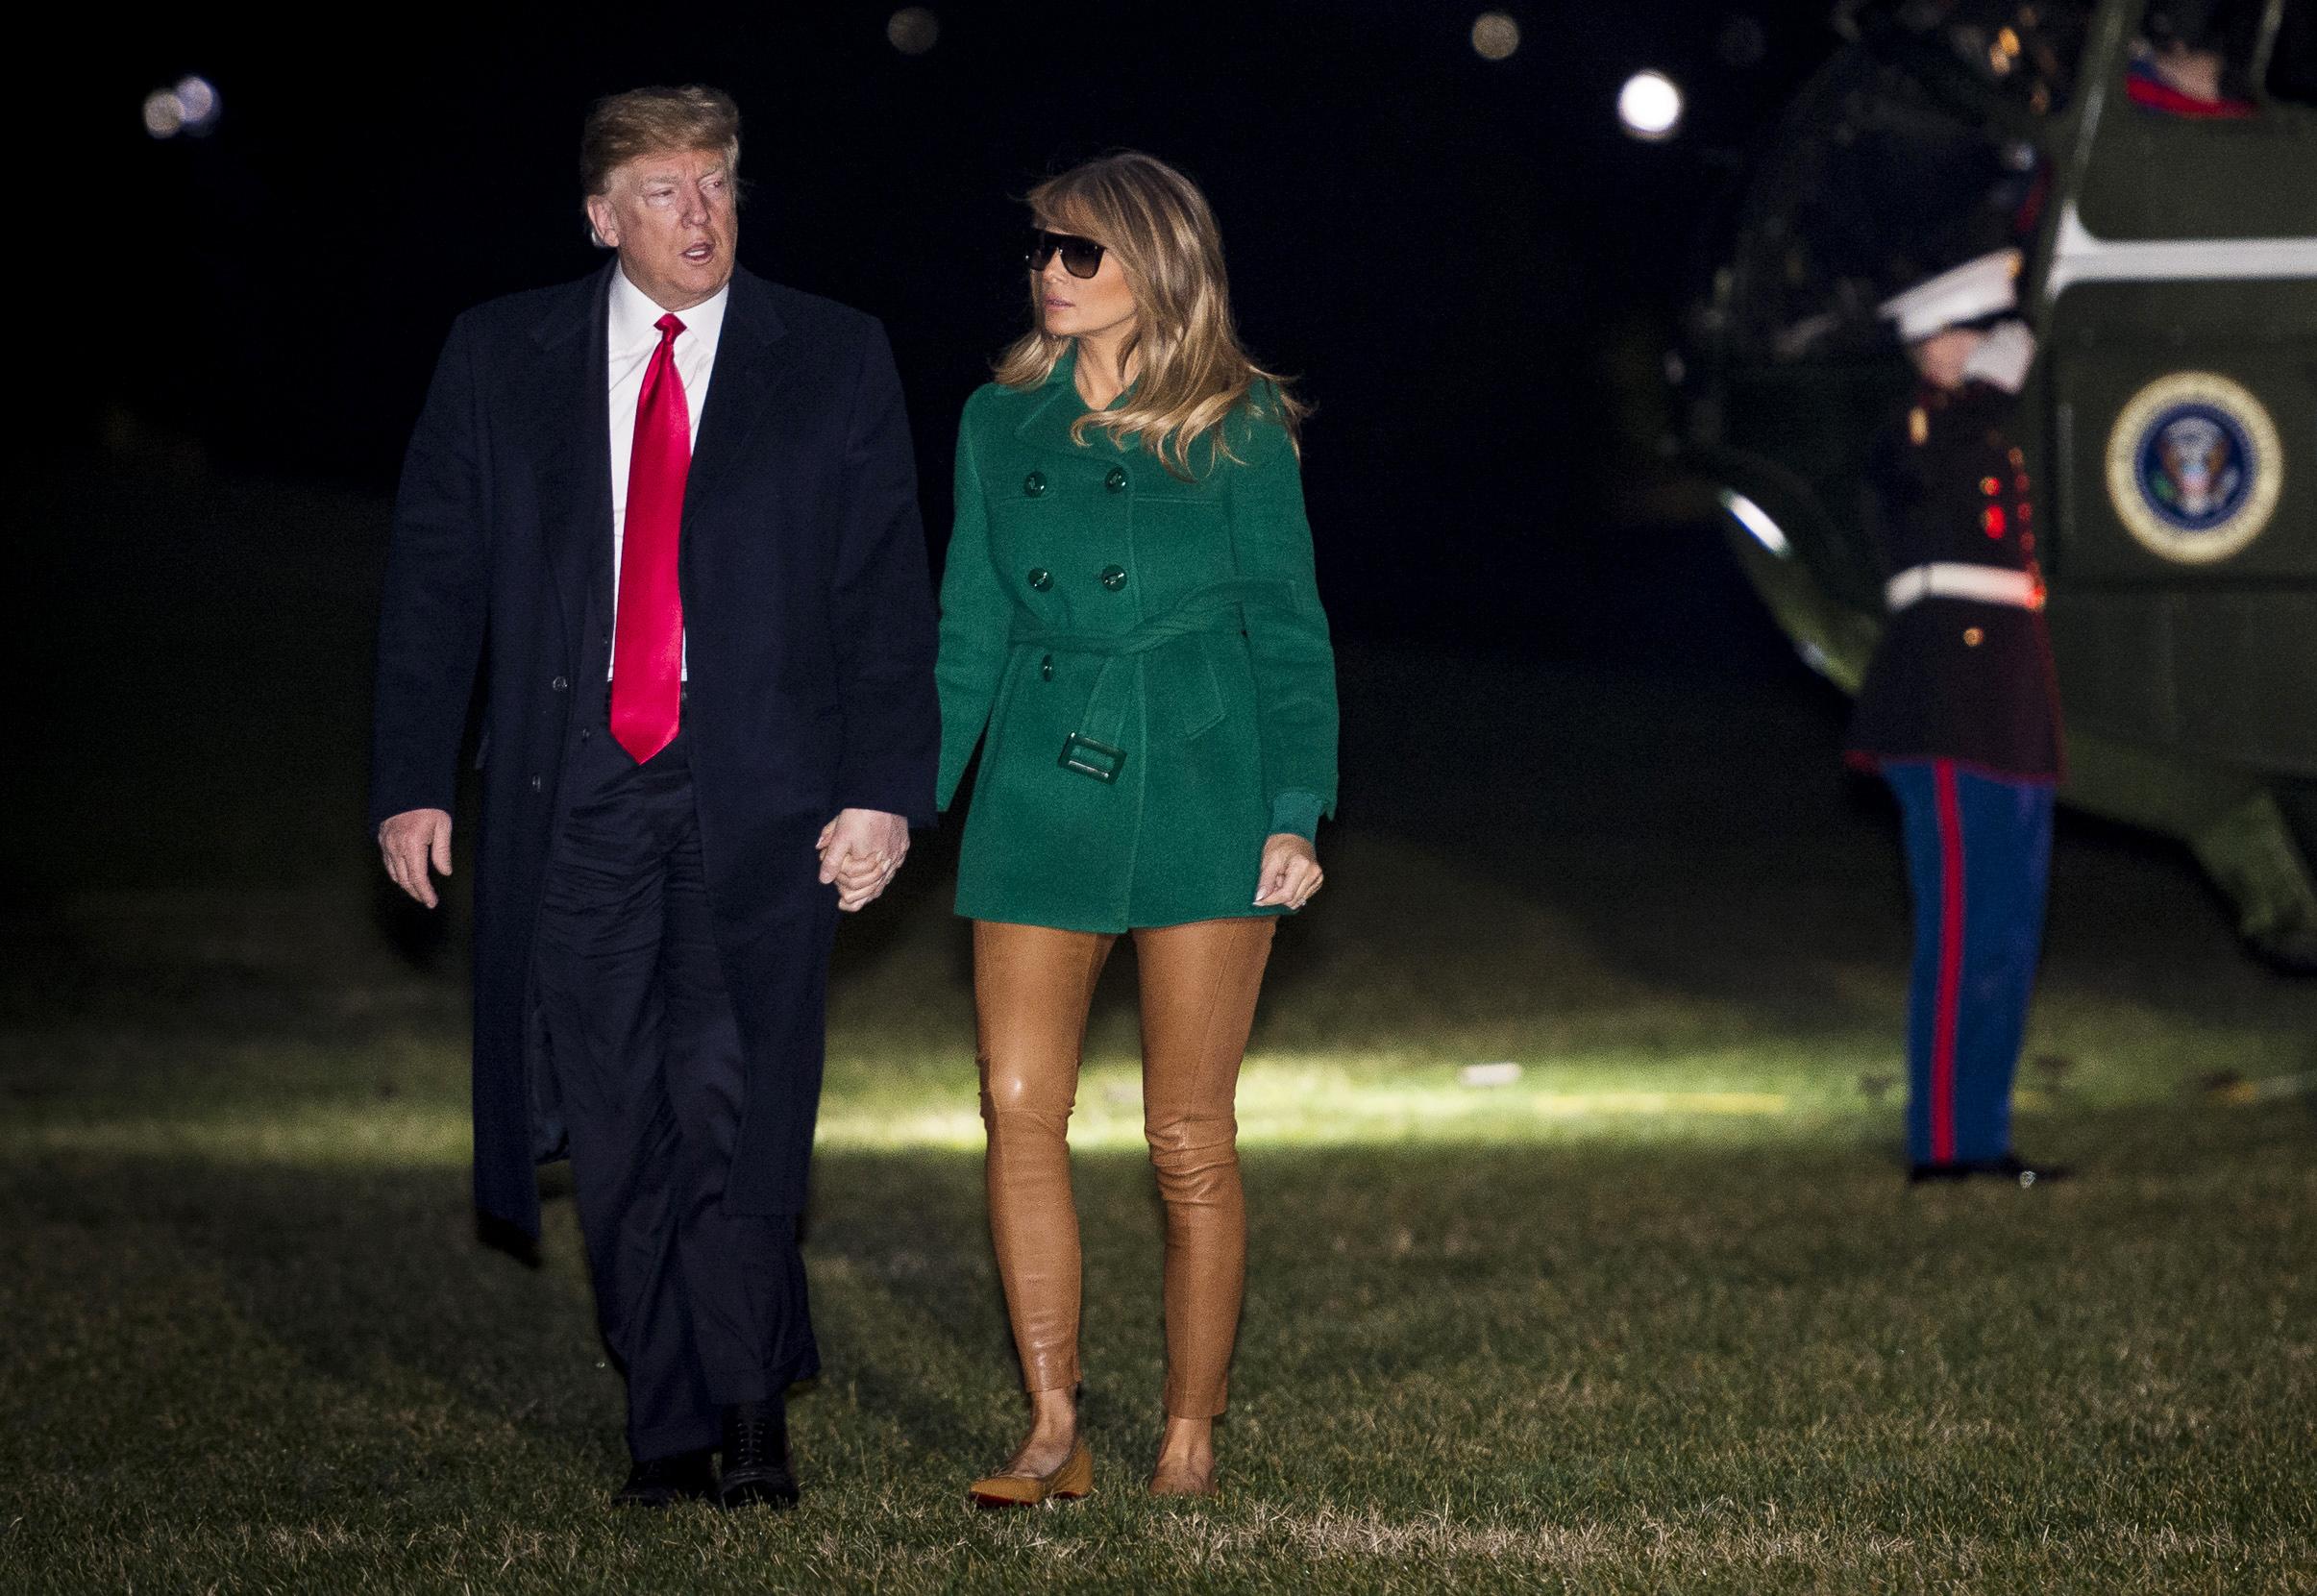 0afd1e1e60cb Τρία σύνολα –μαζί με ένα κολάν έκπληξη- πρόλαβε να φορέσει η Melania Trump  σε